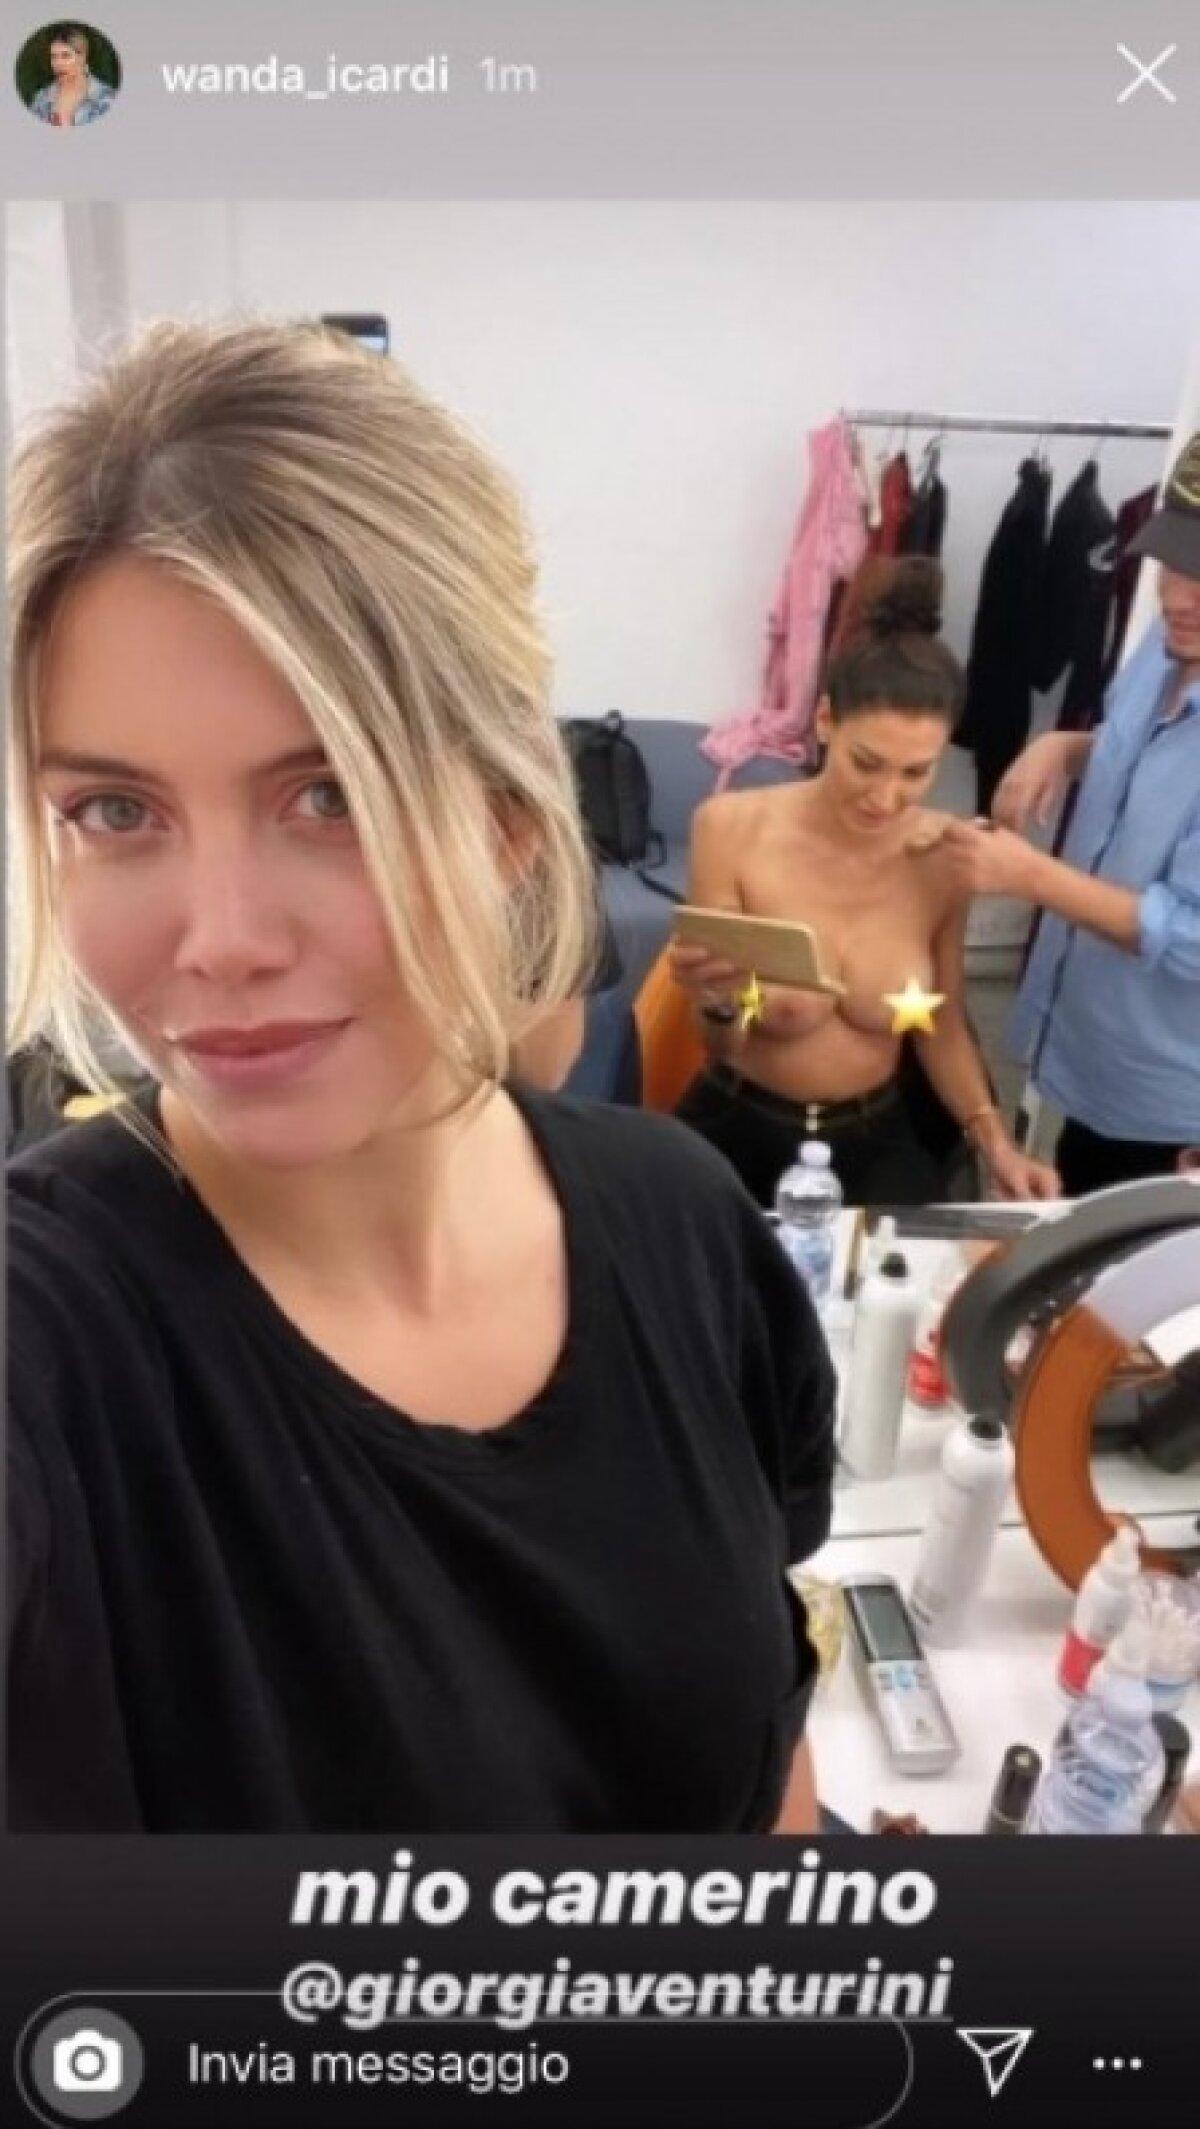 Atenție, imagini XXX! Wanda Nara a întrecut orice măsură! A postat un selfie cu Giorgia Venturini în sânii goi